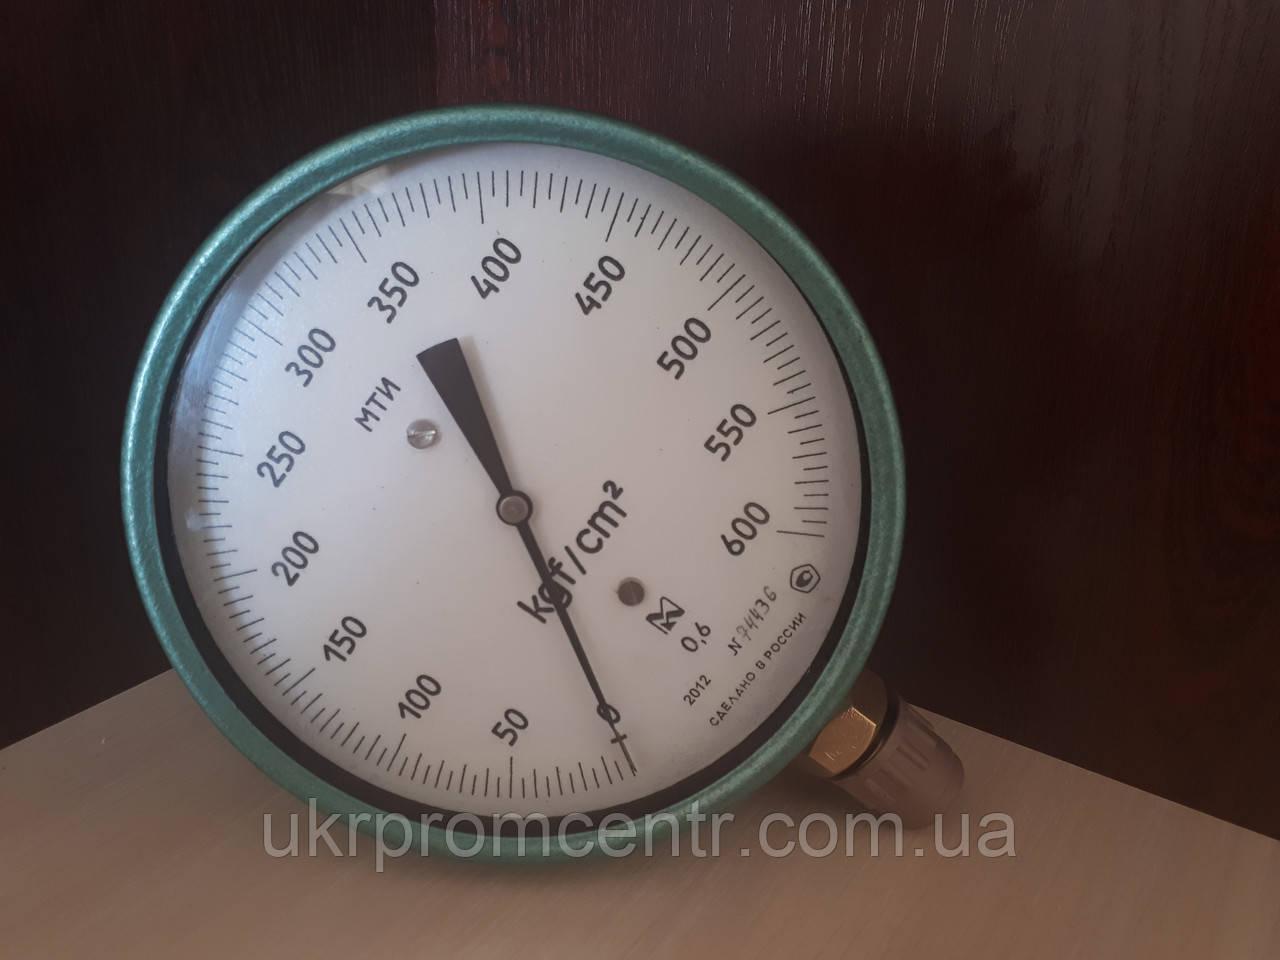 Манометр МТІ, вакуумметр ОТІ і мановакуумметри МВТИ точних вимірювань